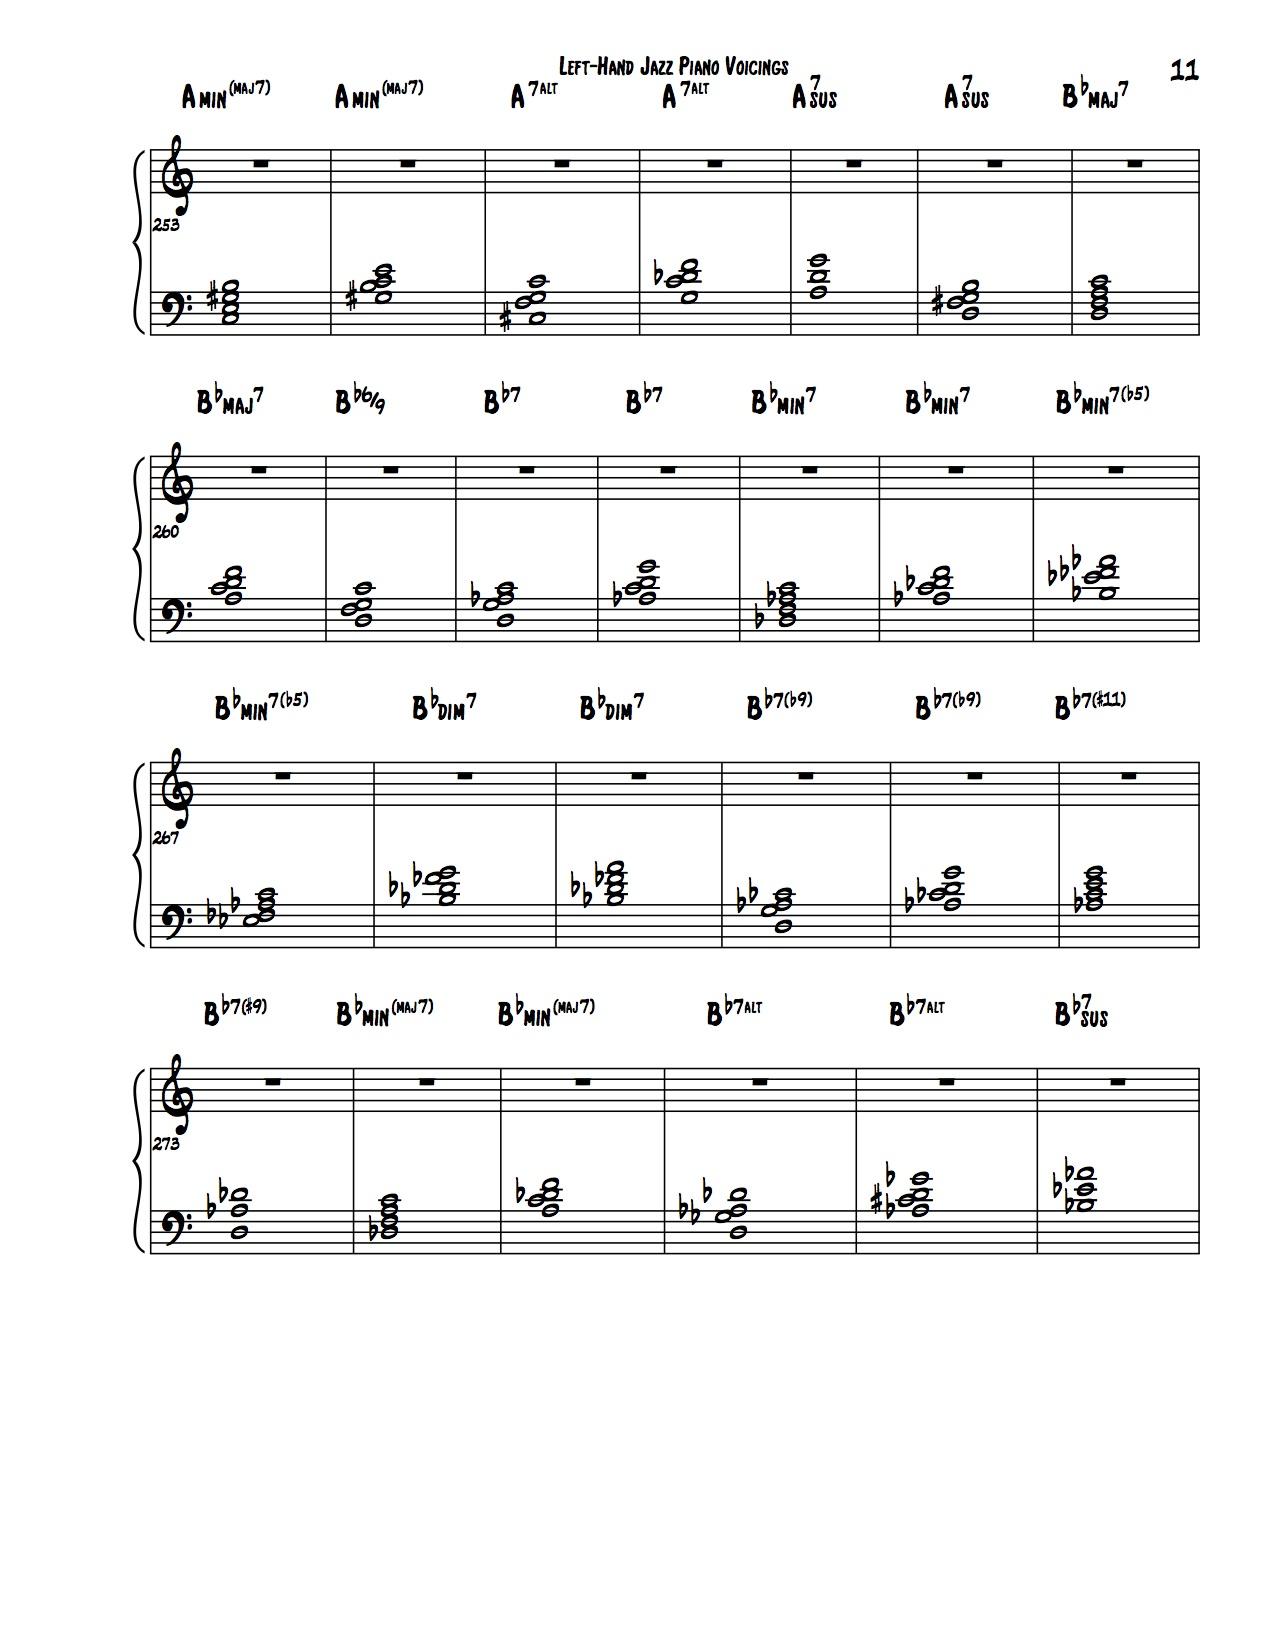 Encyclopedia of left hand jazz piano voicings learn jazz standards encyclopedia of left hand voicings 11 hexwebz Images